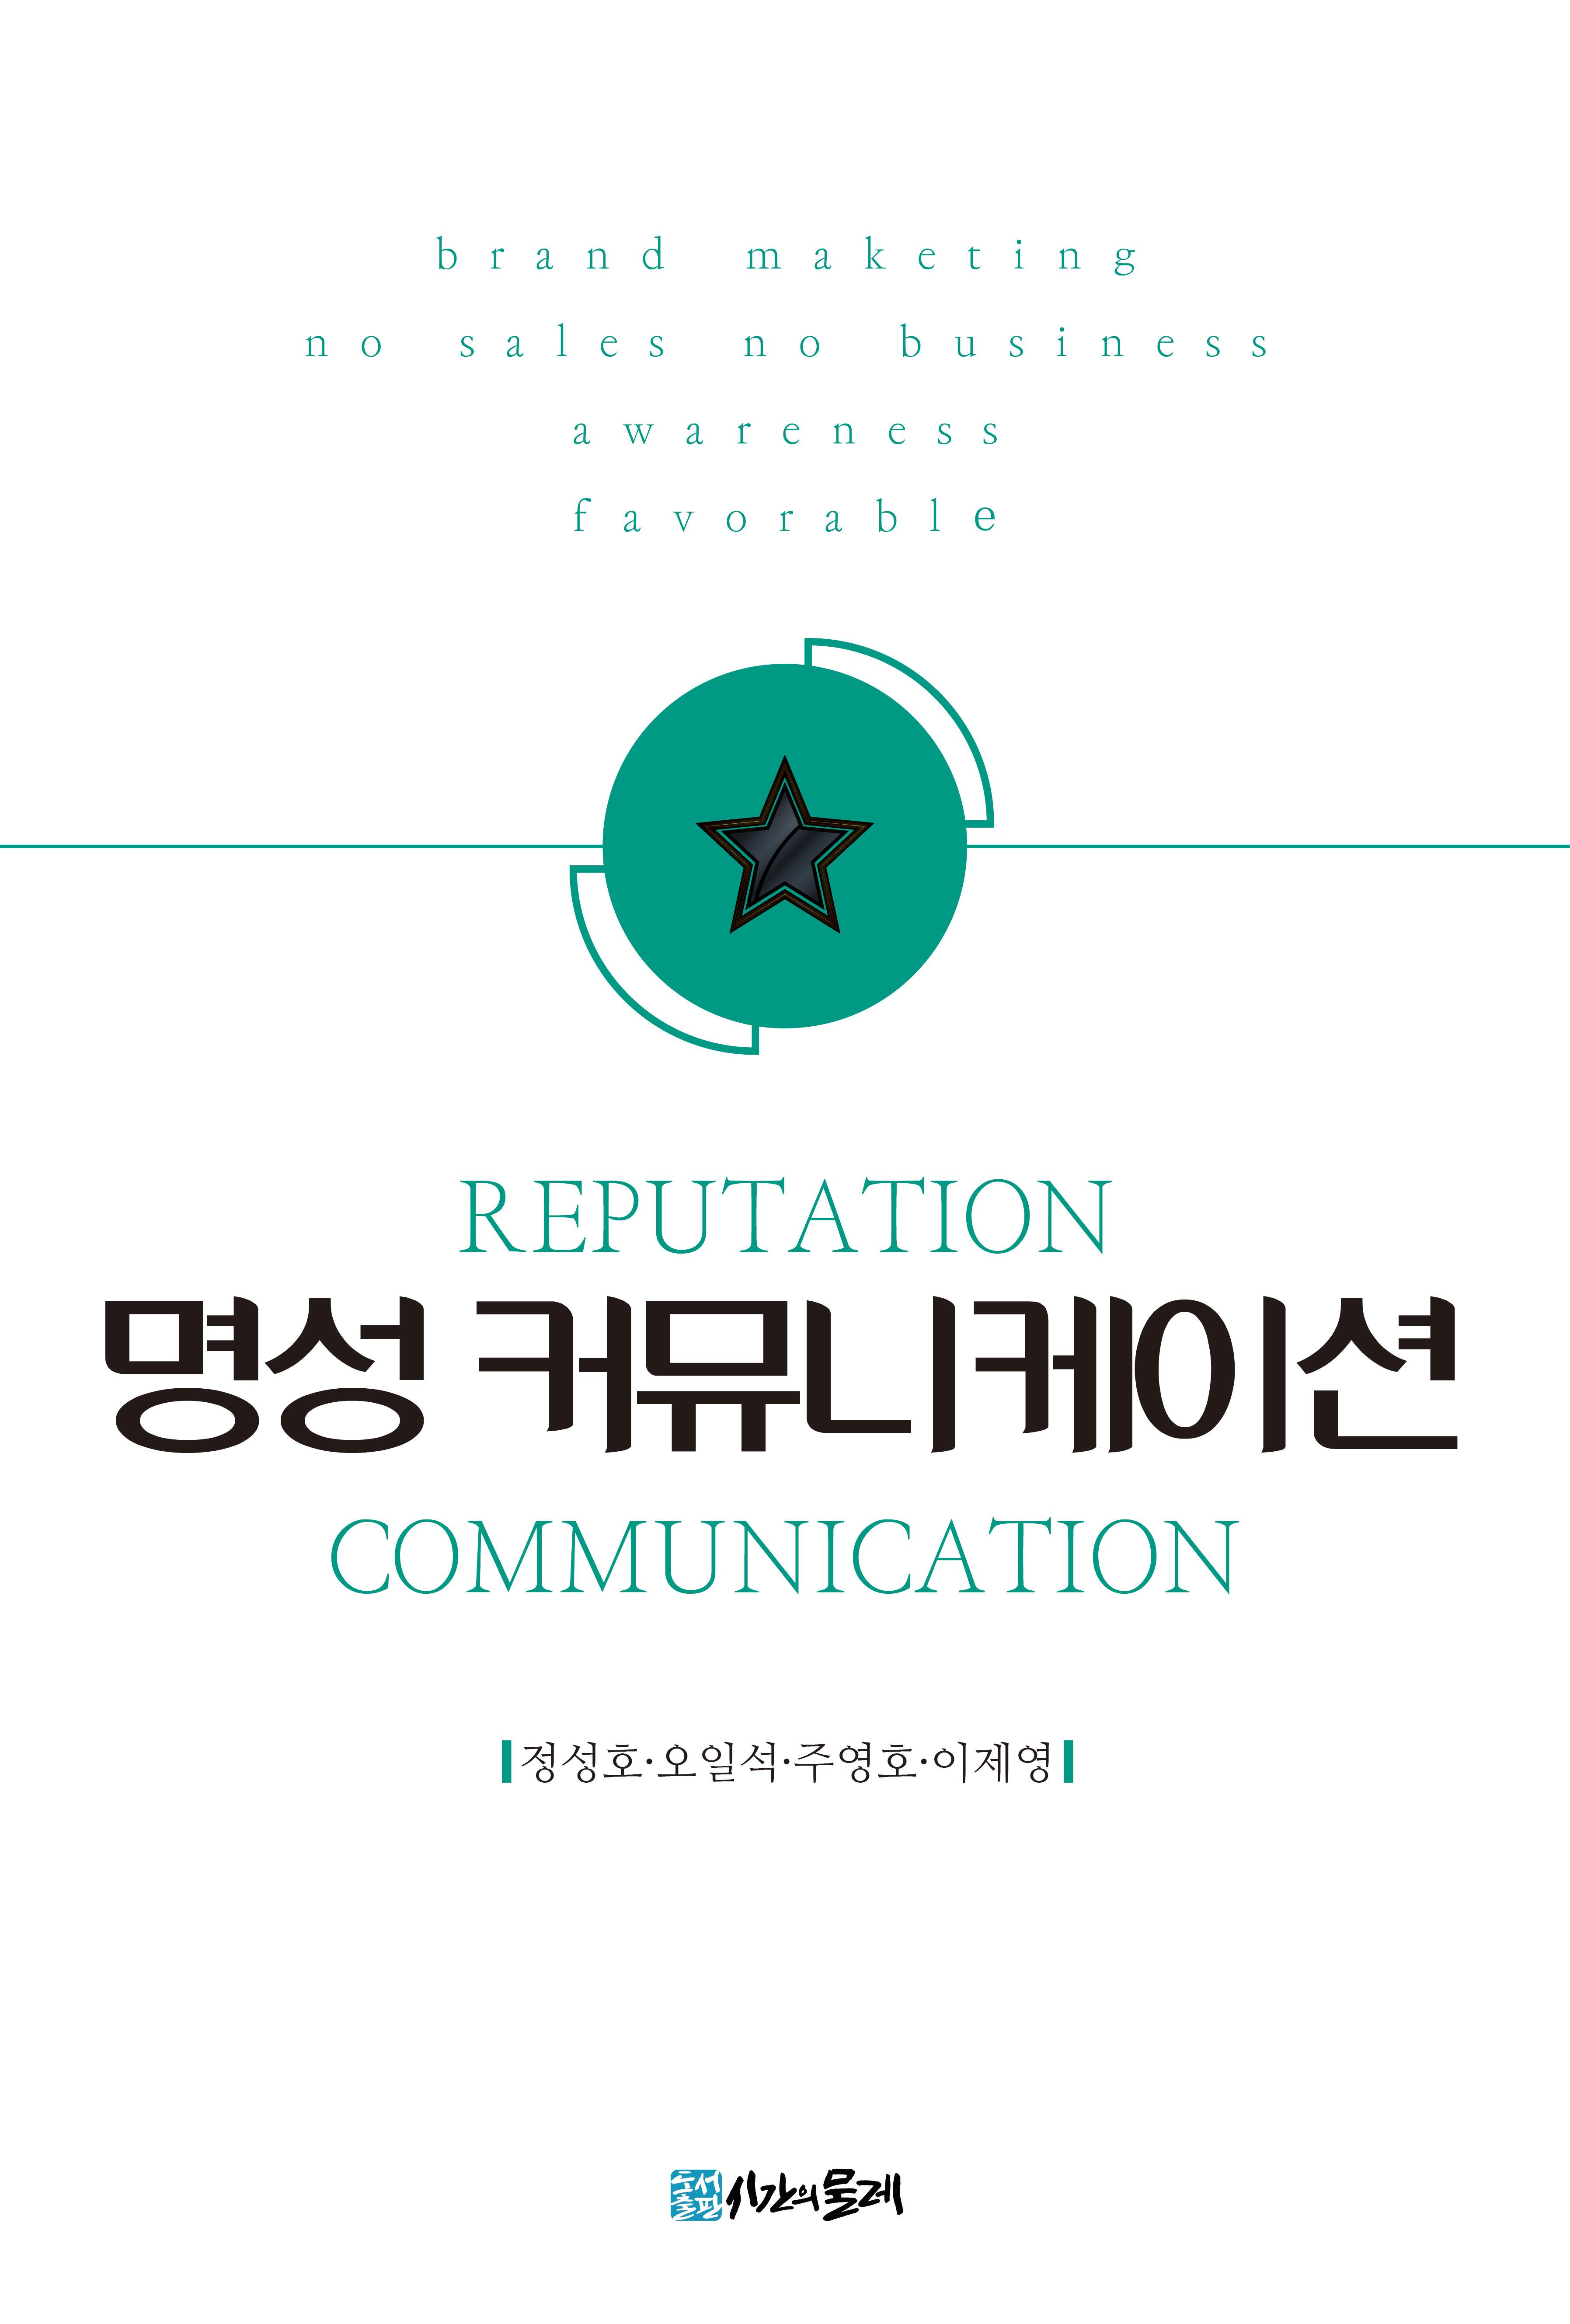 명성 커뮤니케이션